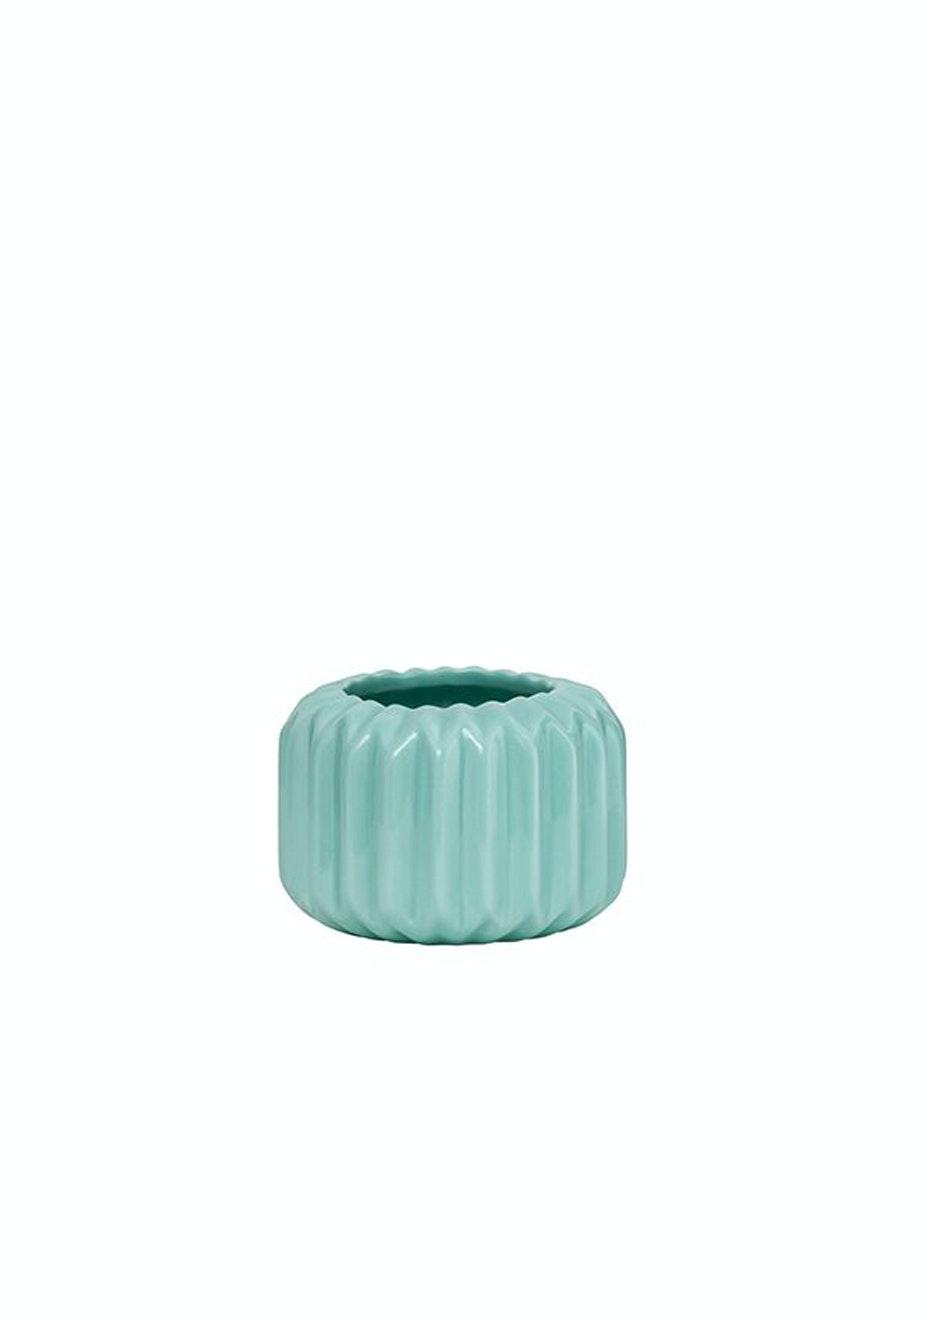 General Eclectic - Votive Porcelain Sml Mint